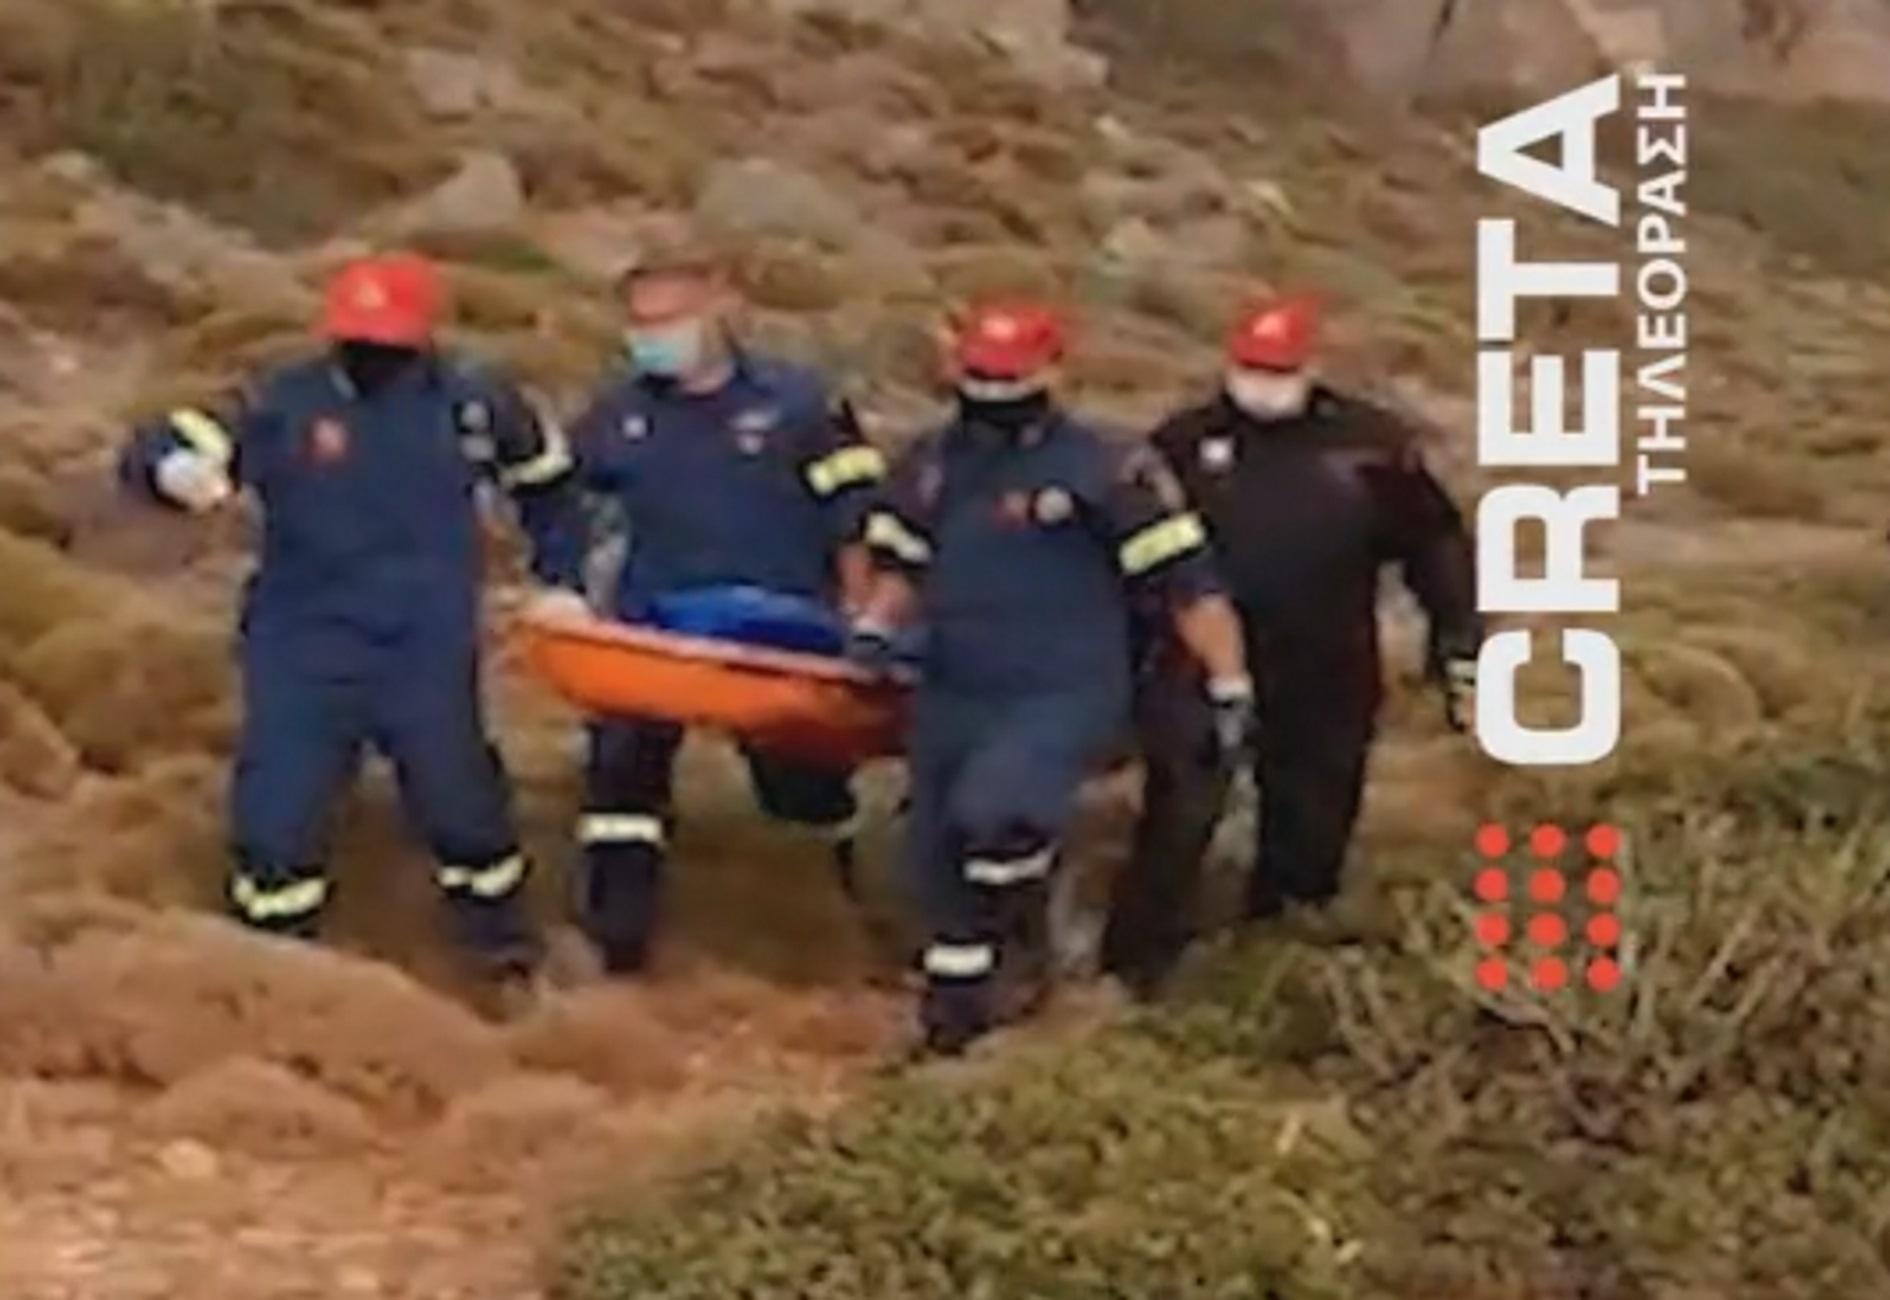 Κρήτη: Η στιγμή που οι διασώστες φτάνουν στη σορό της Γαλλίδας που είχε εξαφανιστεί στο Ελαφονήσι